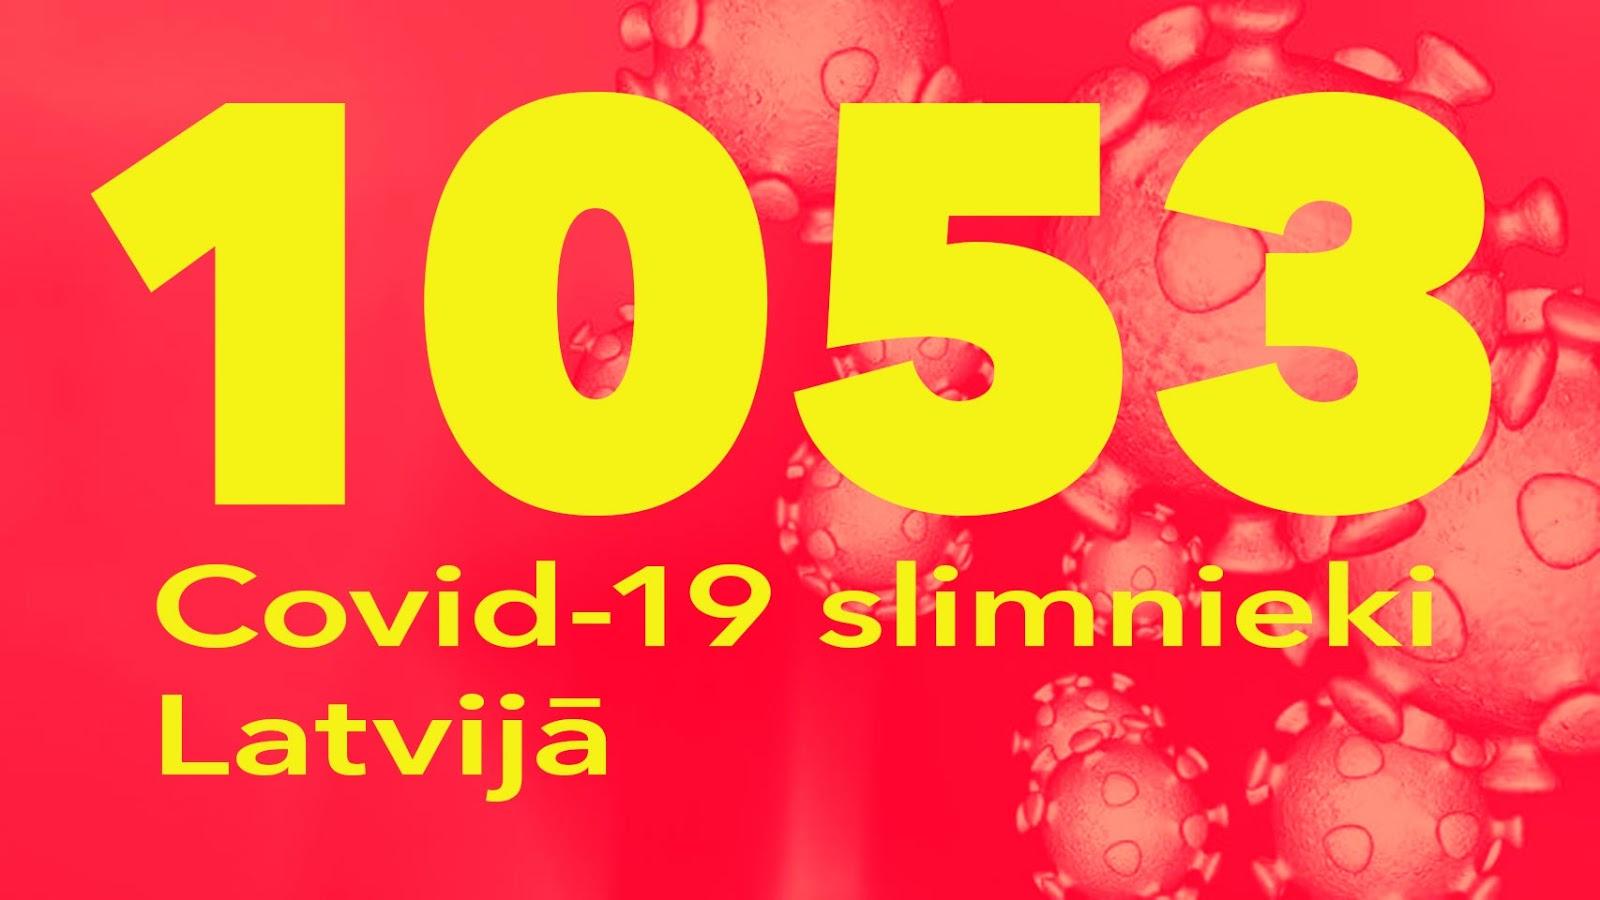 Koronavīrusa saslimušo skaits Latvijā 26.05.2020.